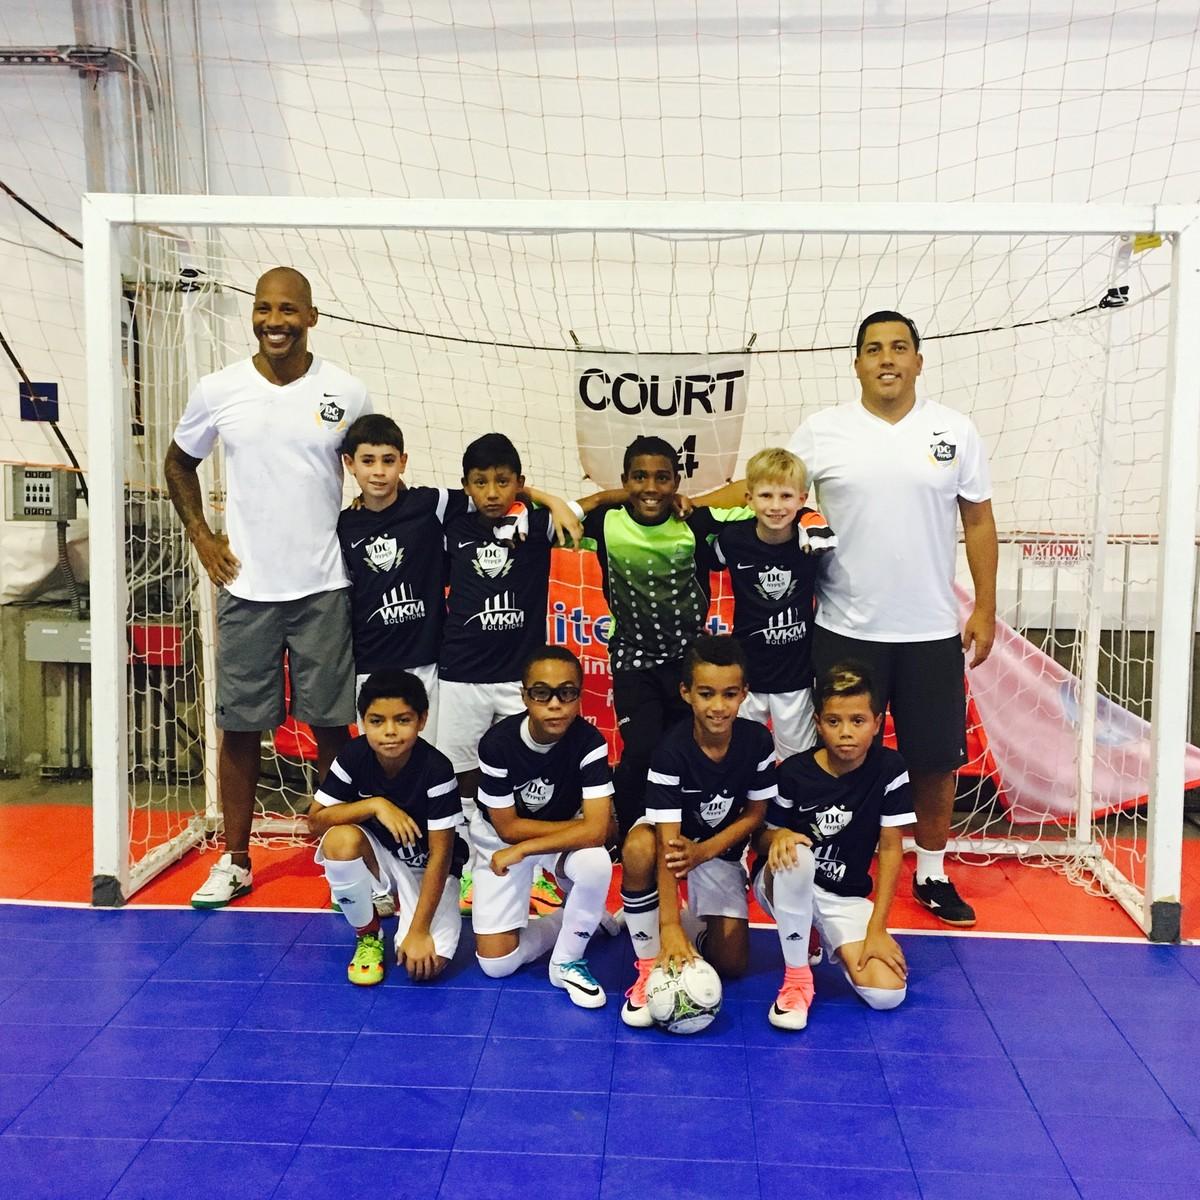 Ex-jogador brasileiro funda time em Washington para filho conhecer o futsal   da0194d54bf24